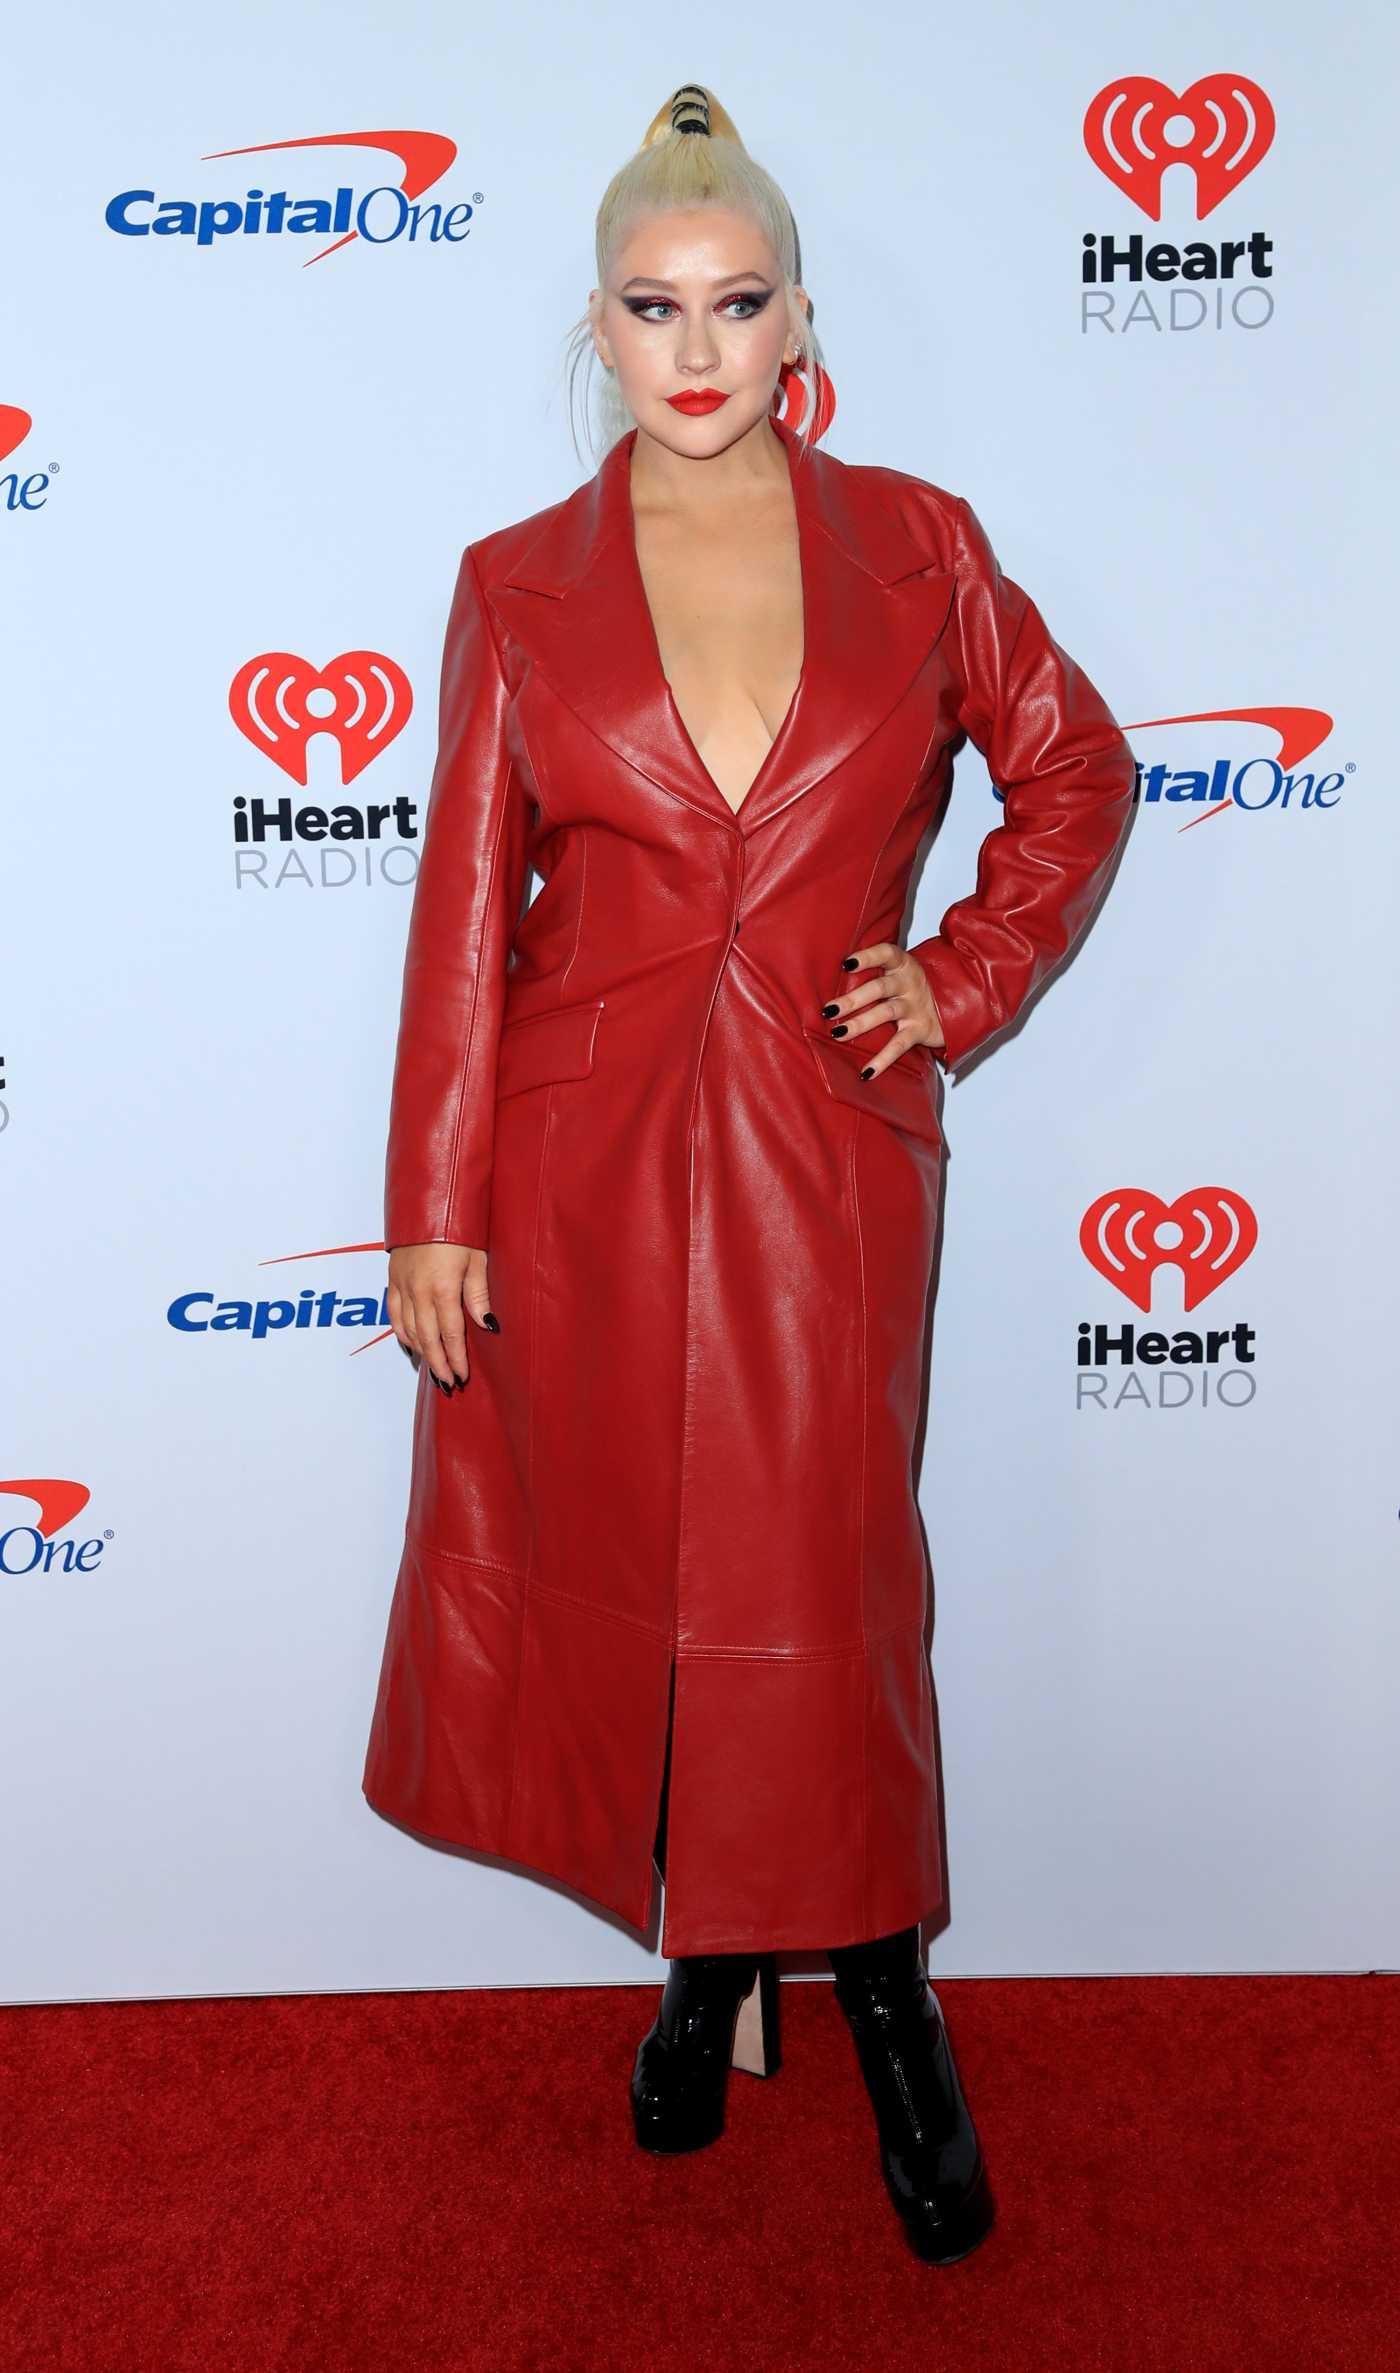 Christina Aguilera Attends 2019 iHeartRadio Music Festival in Las Vegas 09/20/2019